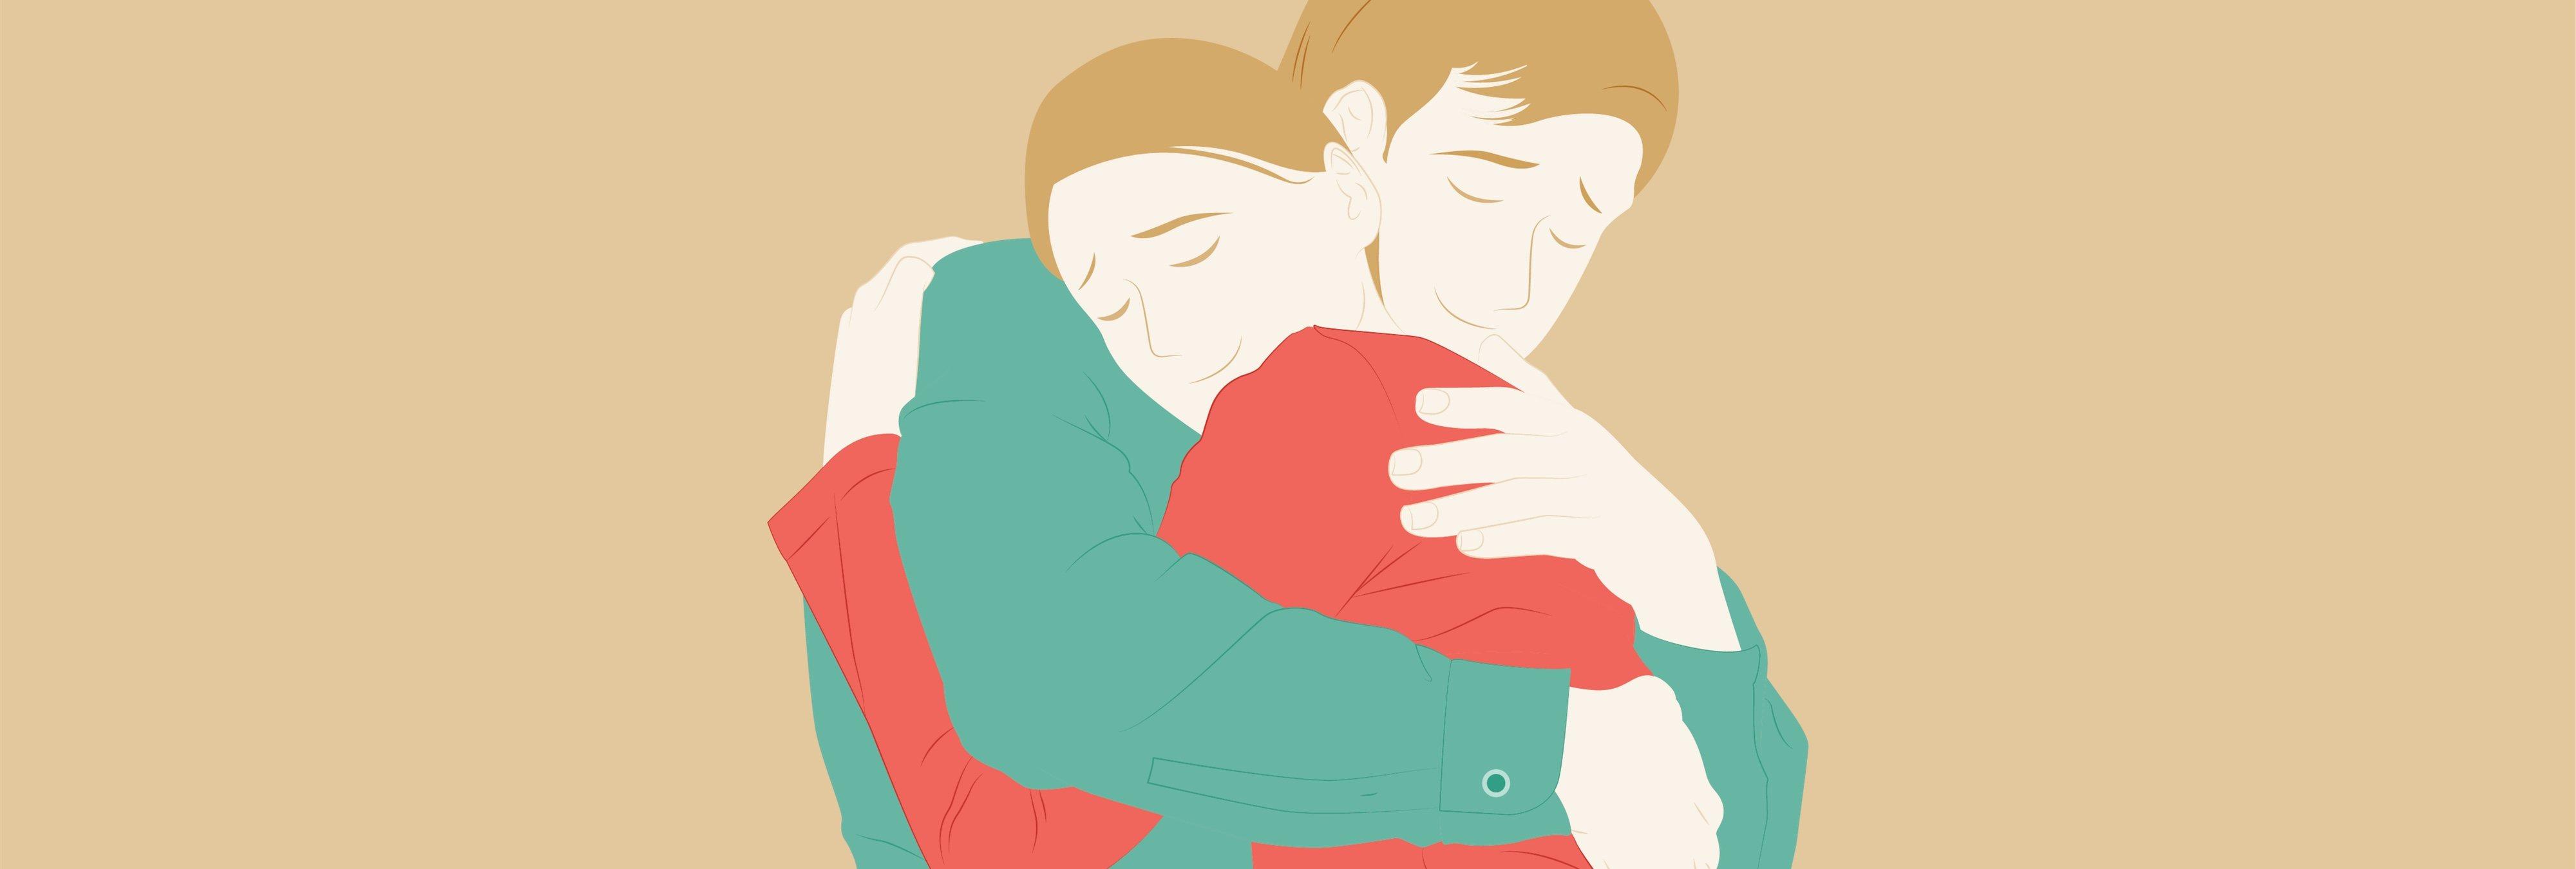 Abrazar es la manera más eficaz de consolar a alguien, según un estudio